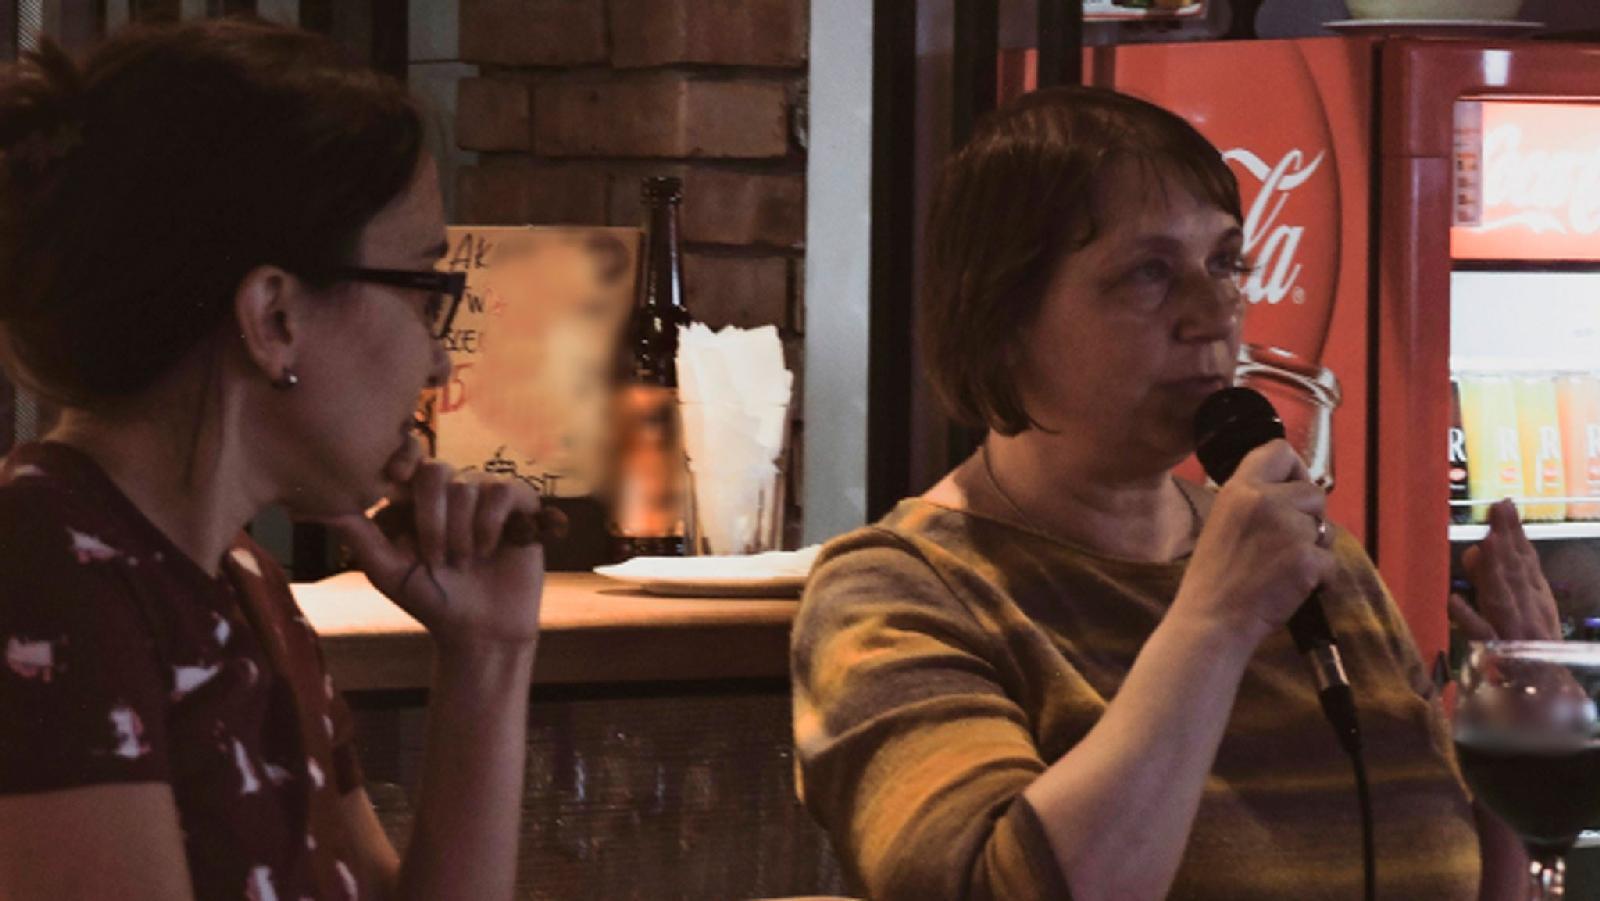 Елена Грачева (справа) уверена, что фондам нужны в СМИ тексты, которые бы мотивировали на регулярную помощь НКО, а не разовую